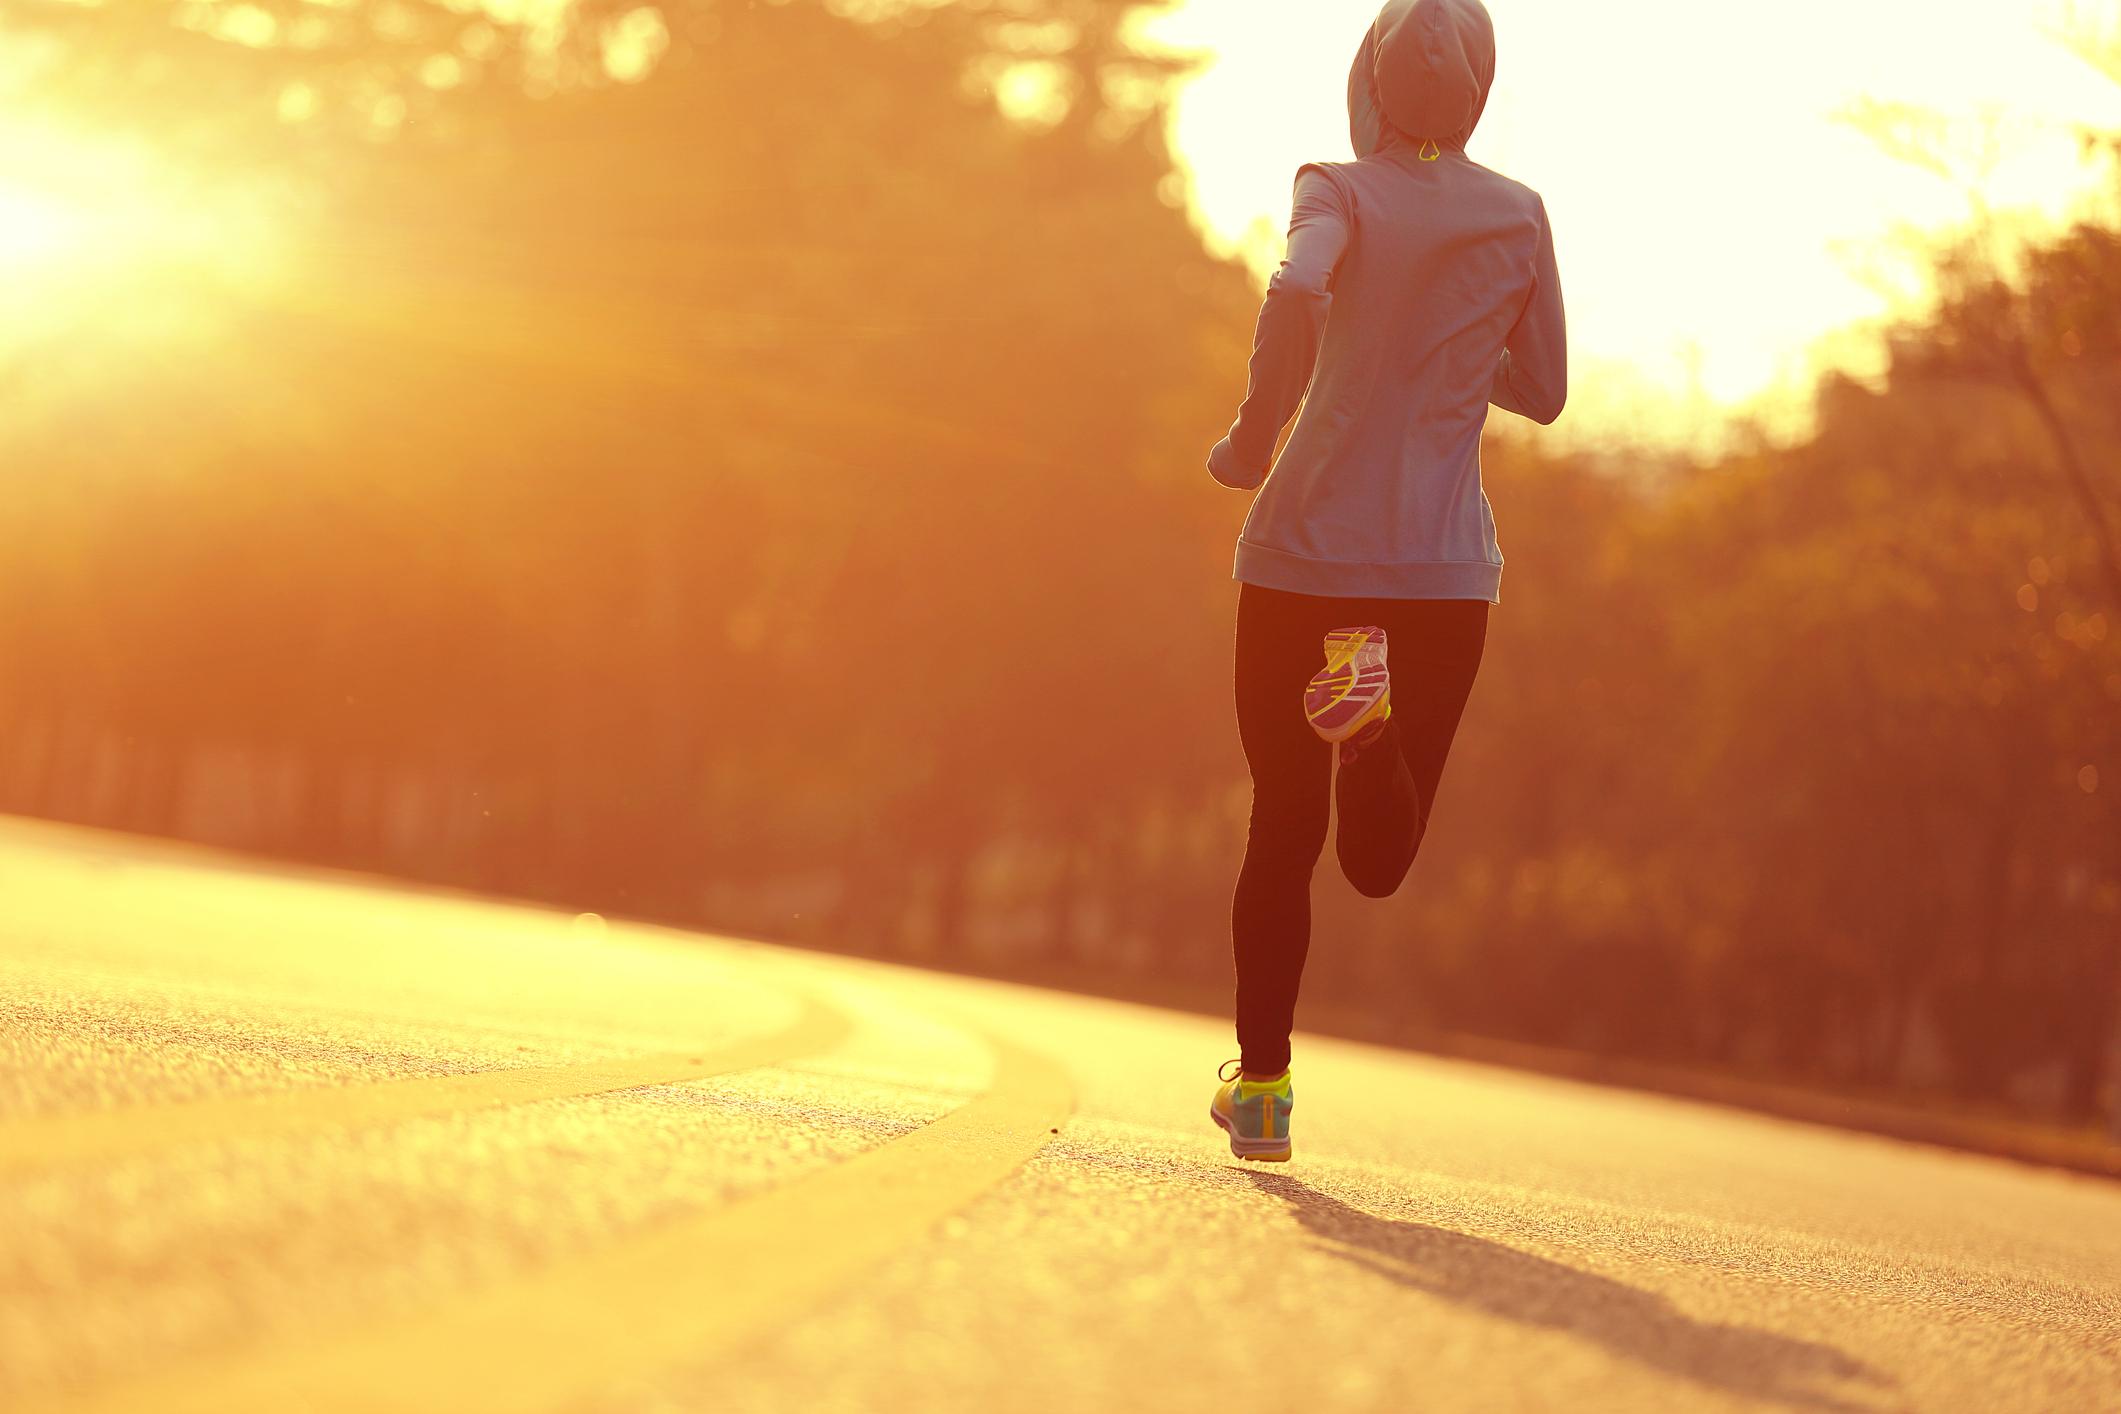 Praticar atividade física é essencial para a saúde, mas o tempo frio e seco pode causar problemas. Saiba como se proteger sem deixar de se exercitar.